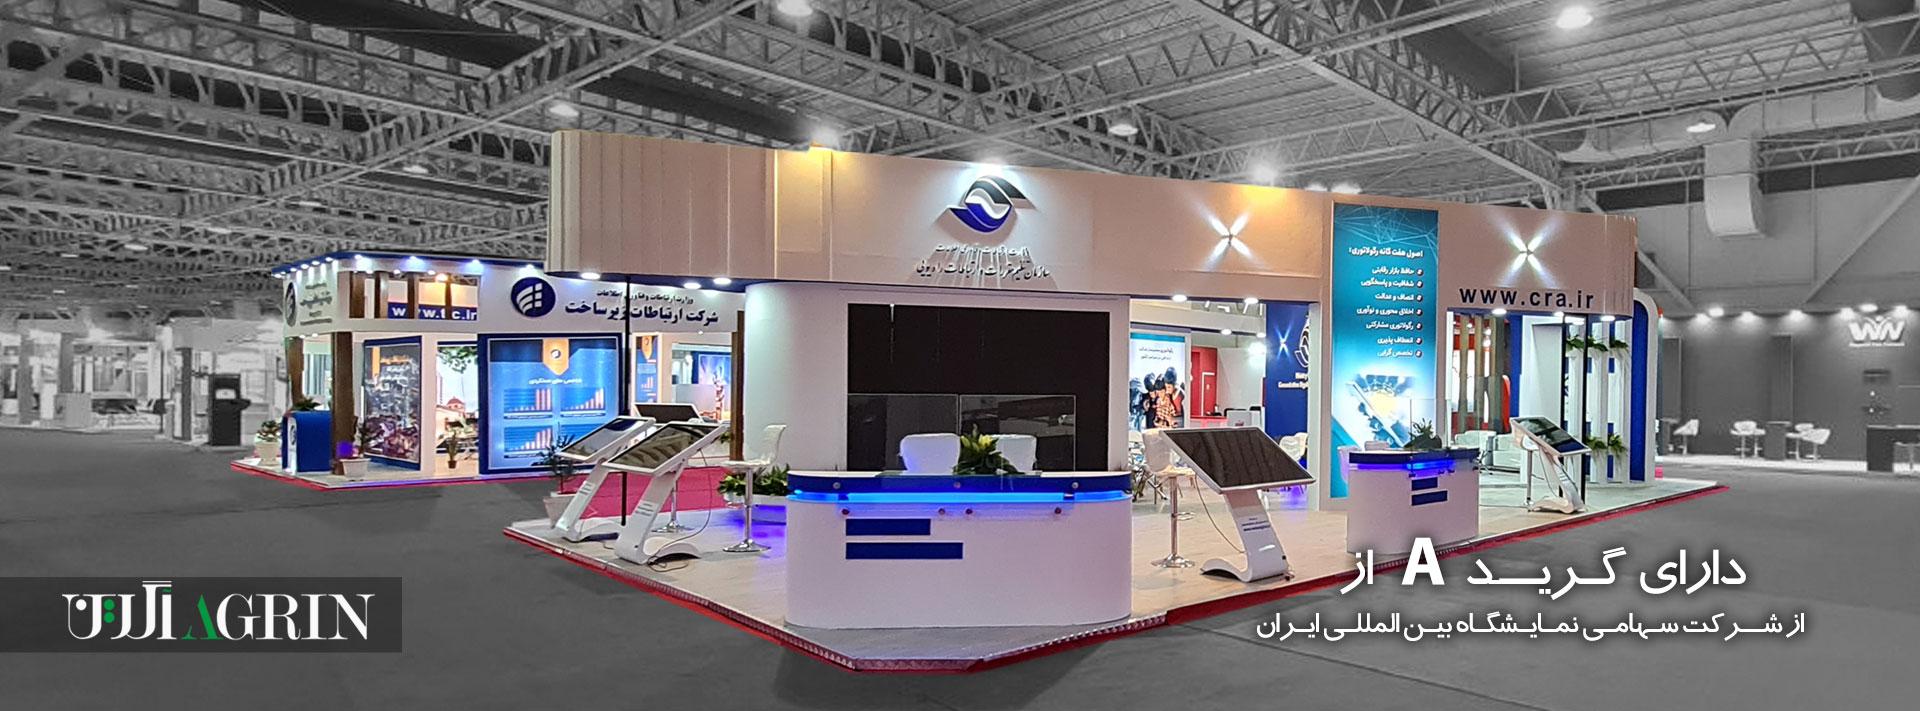 دارای گرید A از شرکت سهامی نمایشگاه بین المللی ایران